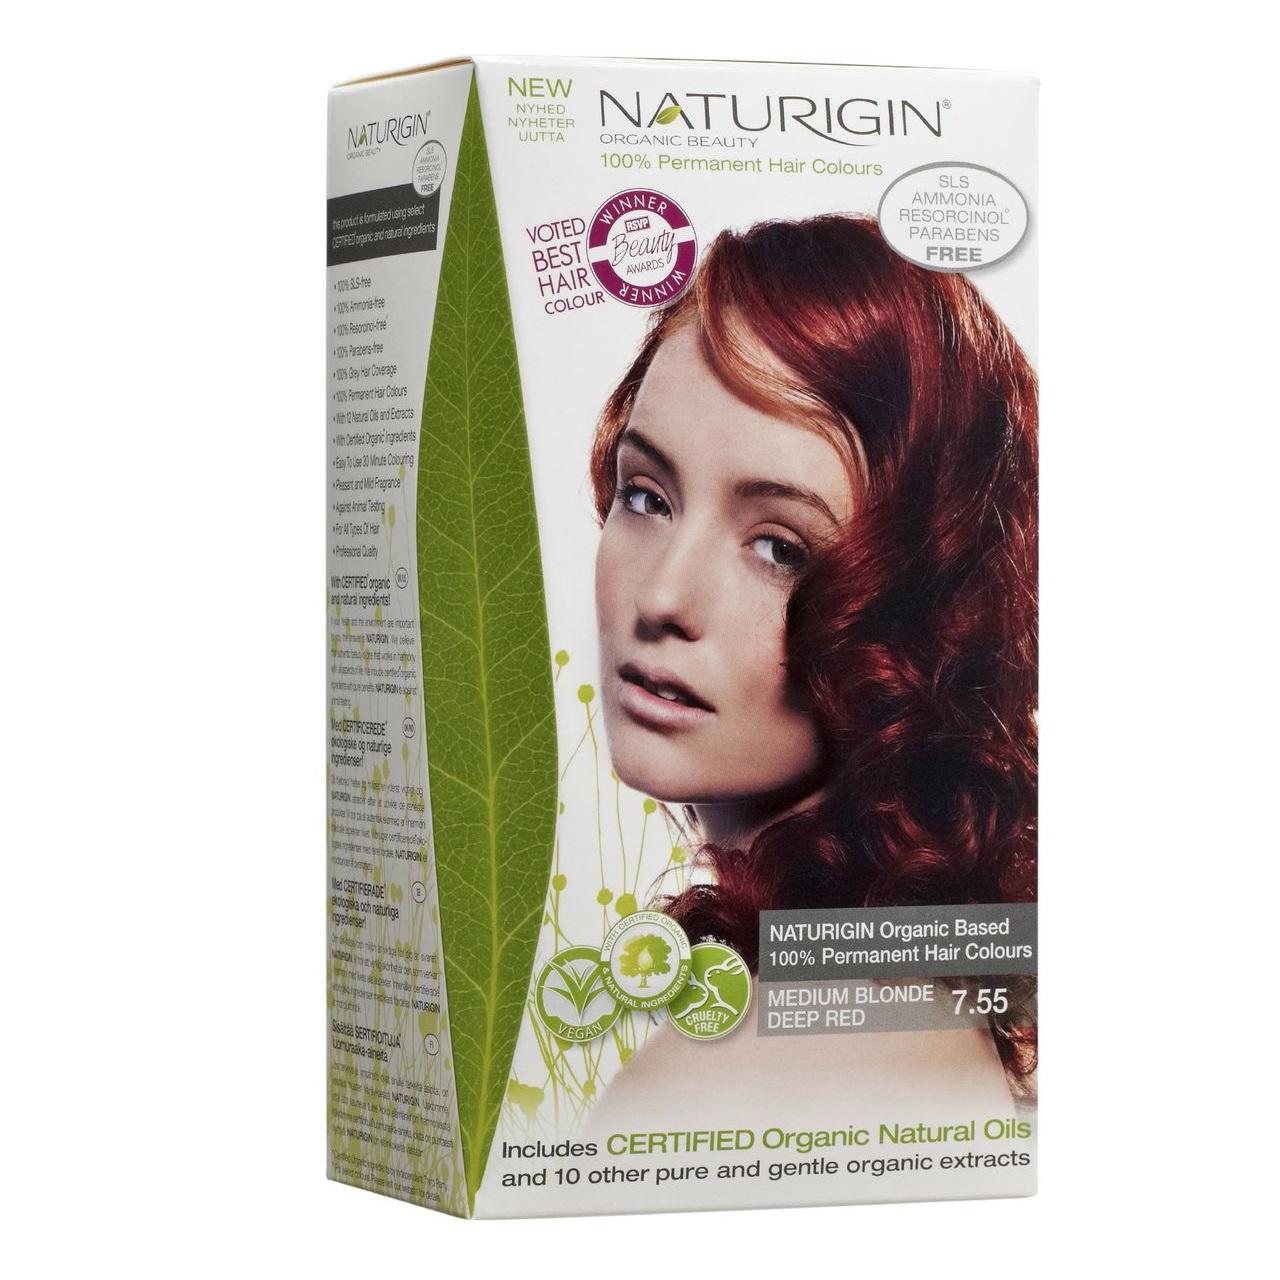 Naturigin Permanent Hair Color Medium Blonde Deep Red 755